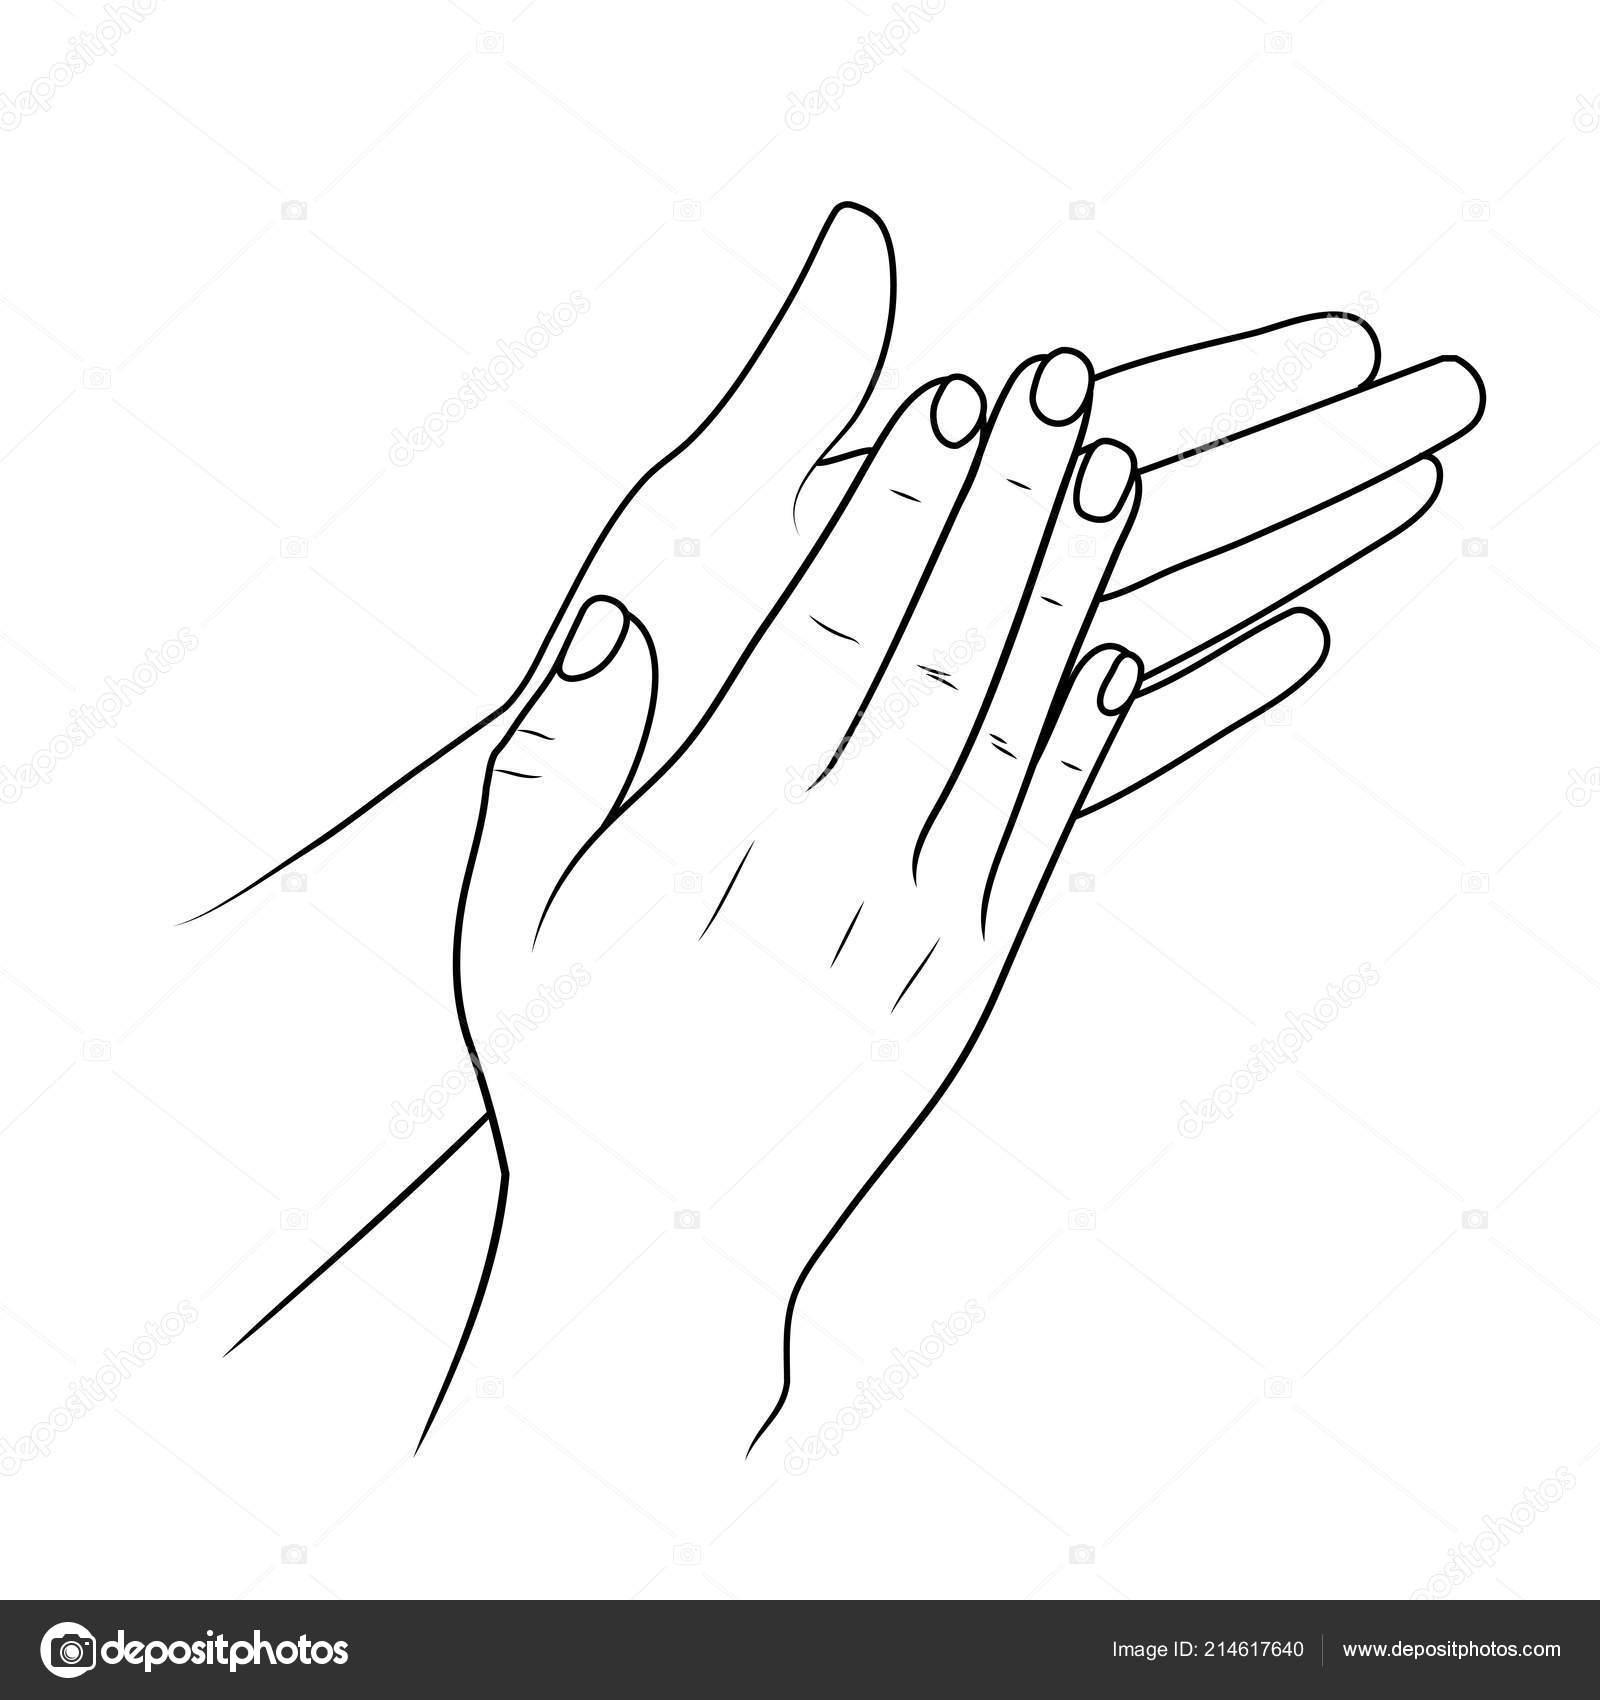 m 227 os a bater palmas ou aplaudindo ilustra 231 227 o linear ou